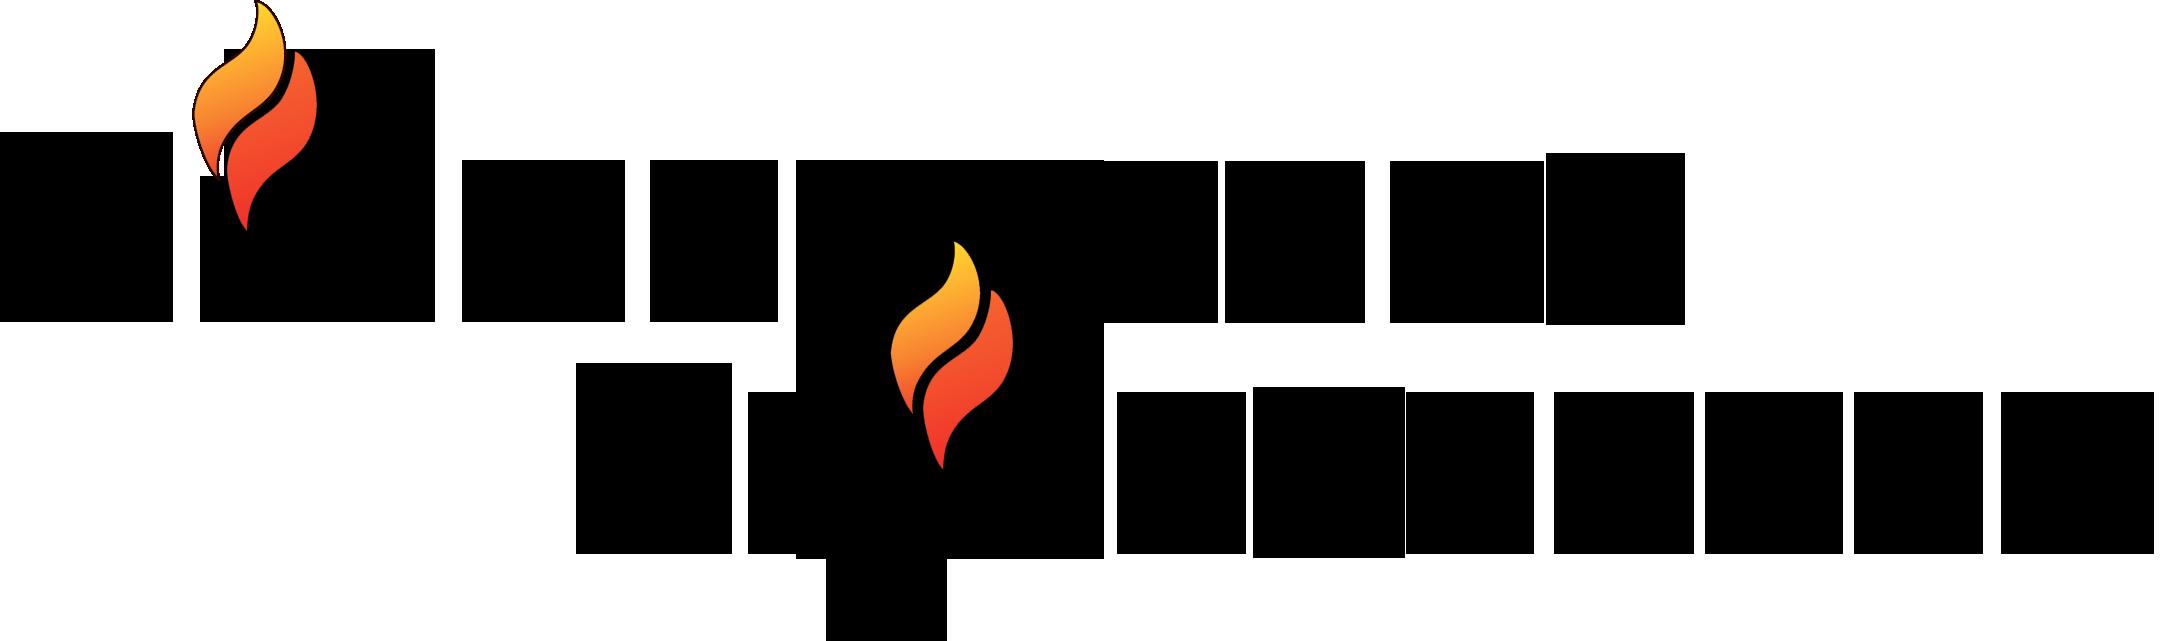 Himmerlands Pejsecenter logo